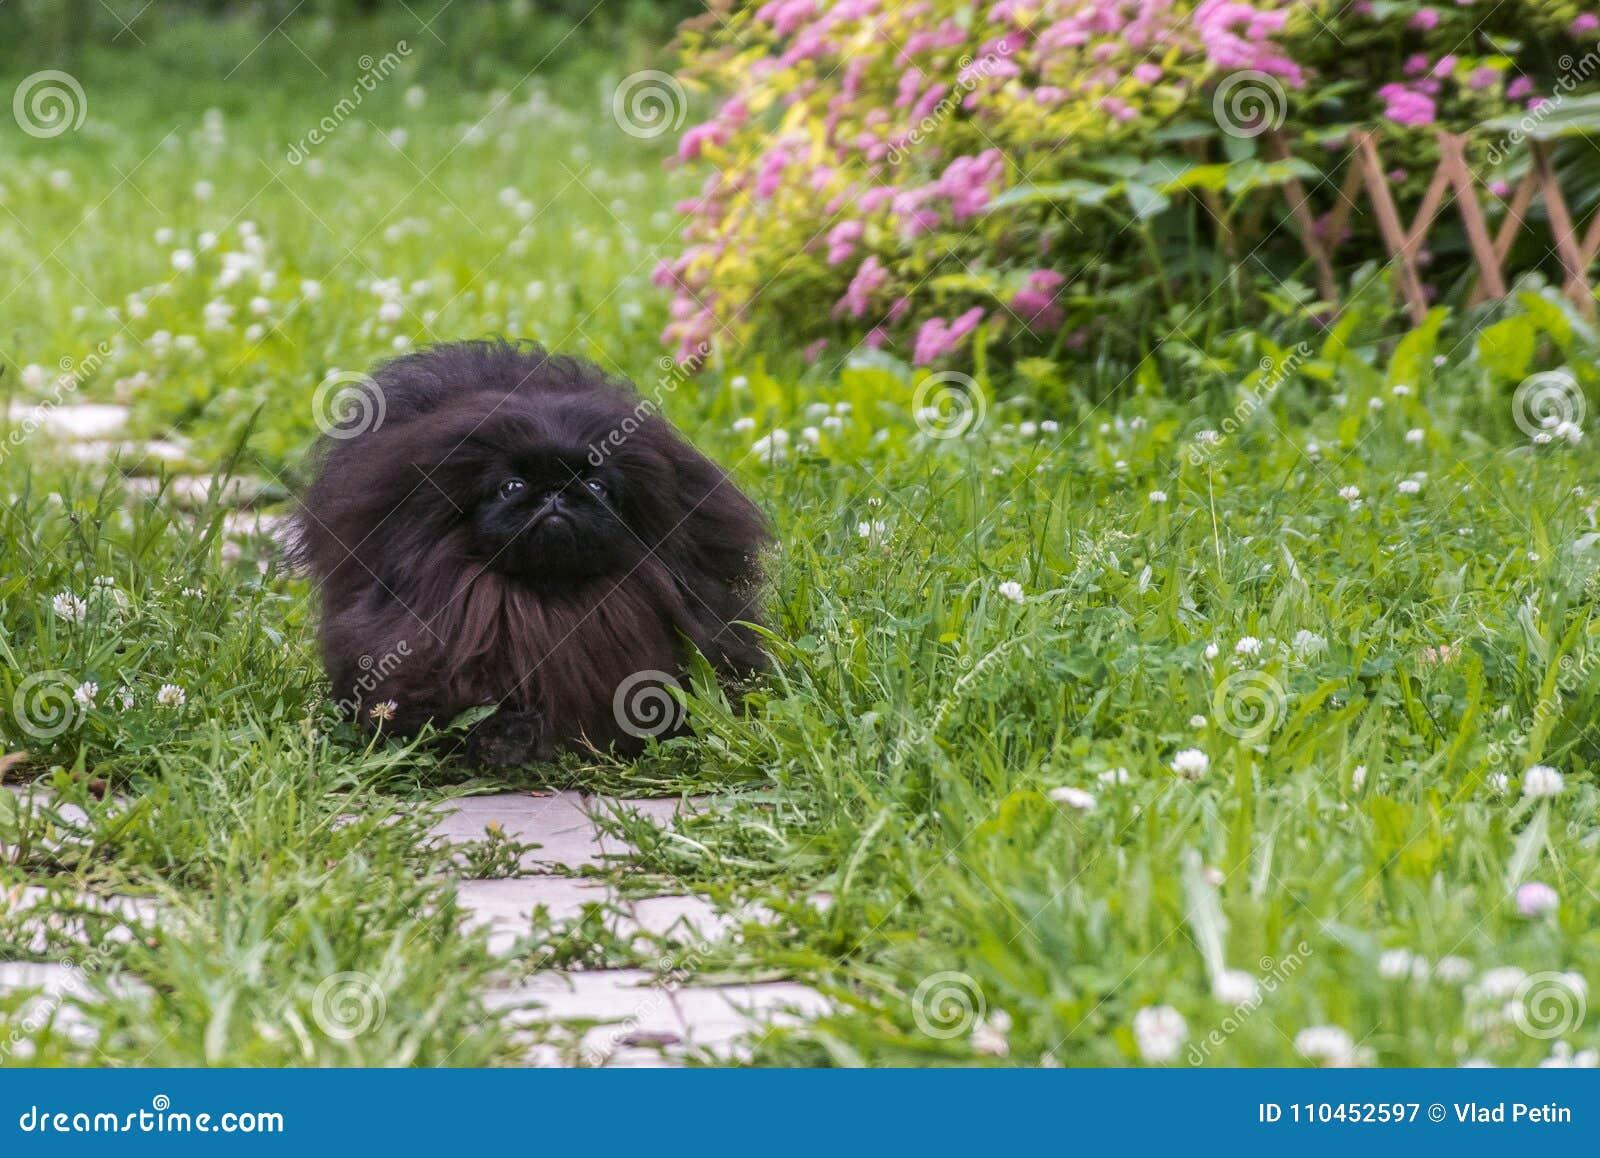 Kör den pekingese hunden för den gulliga svarta valpen på det gröna gräset